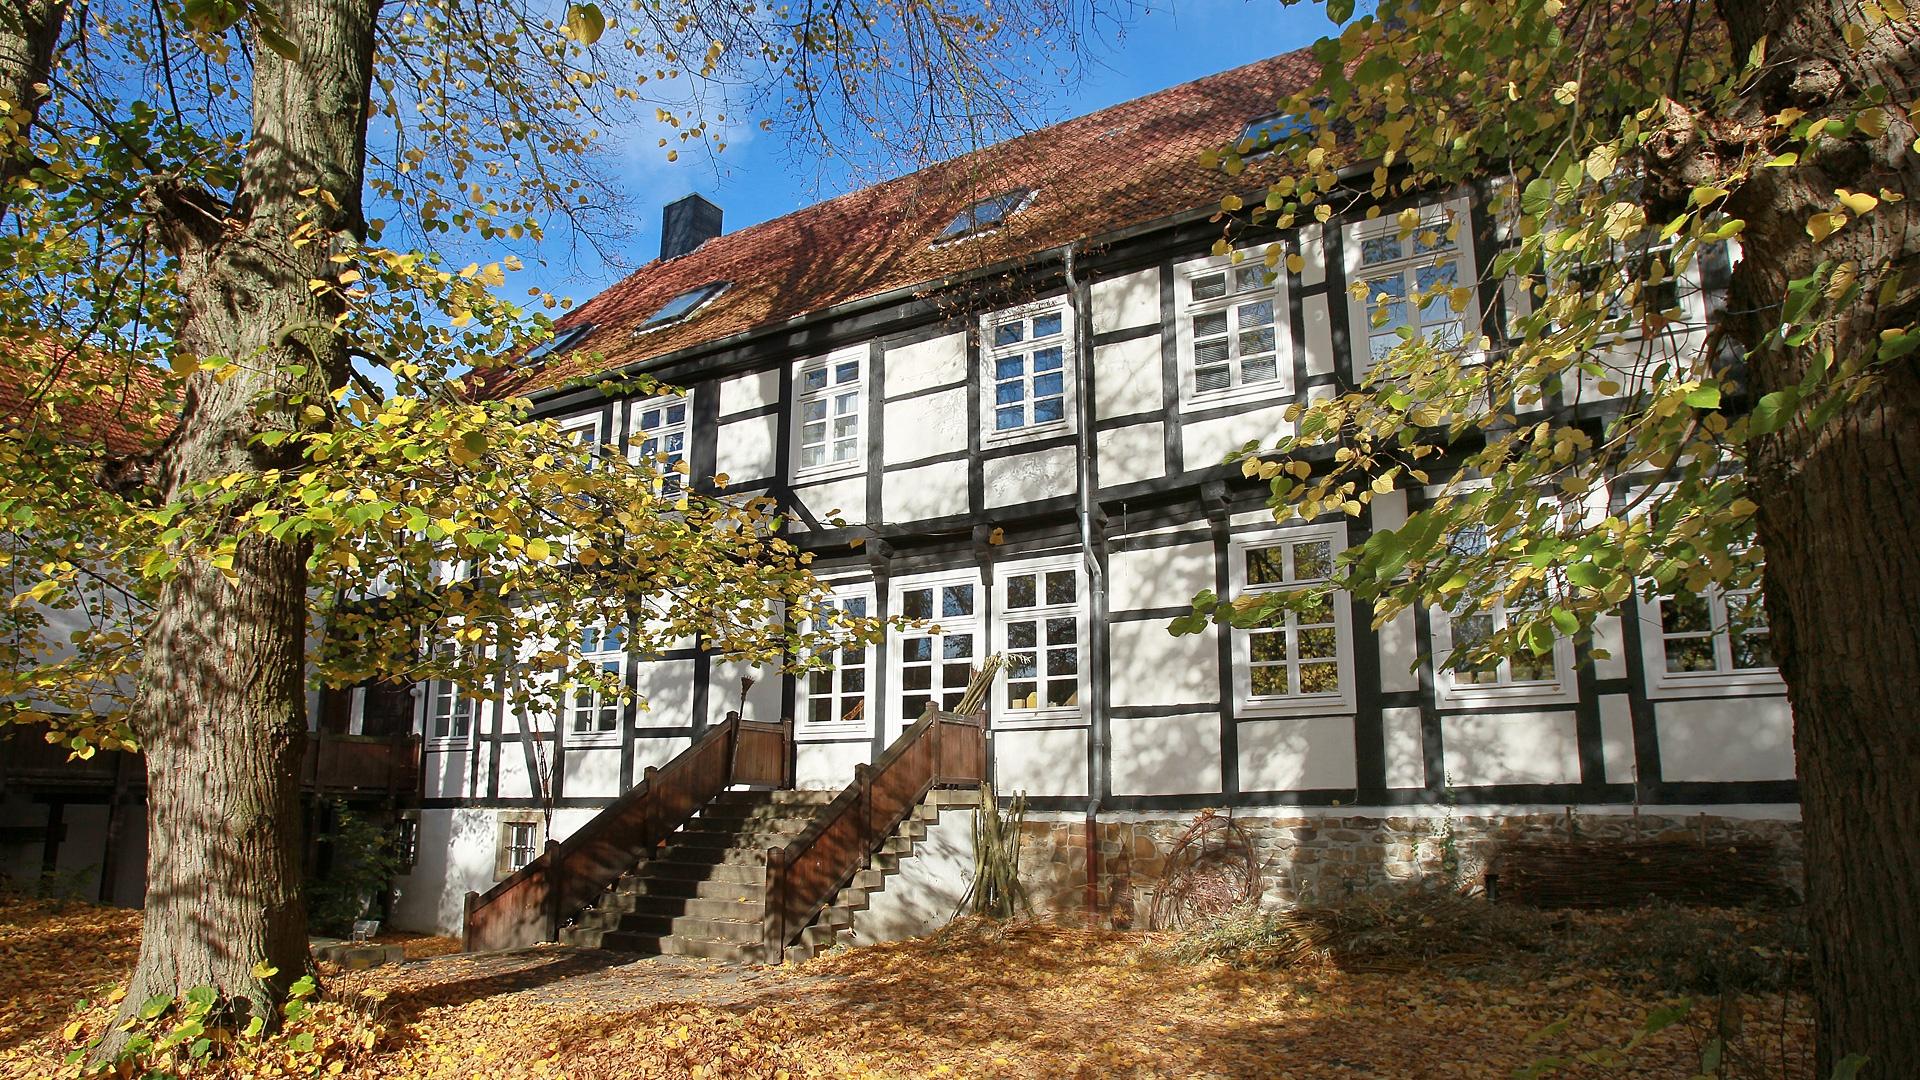 Herrenhaus Stift Quernheim Hinterhof